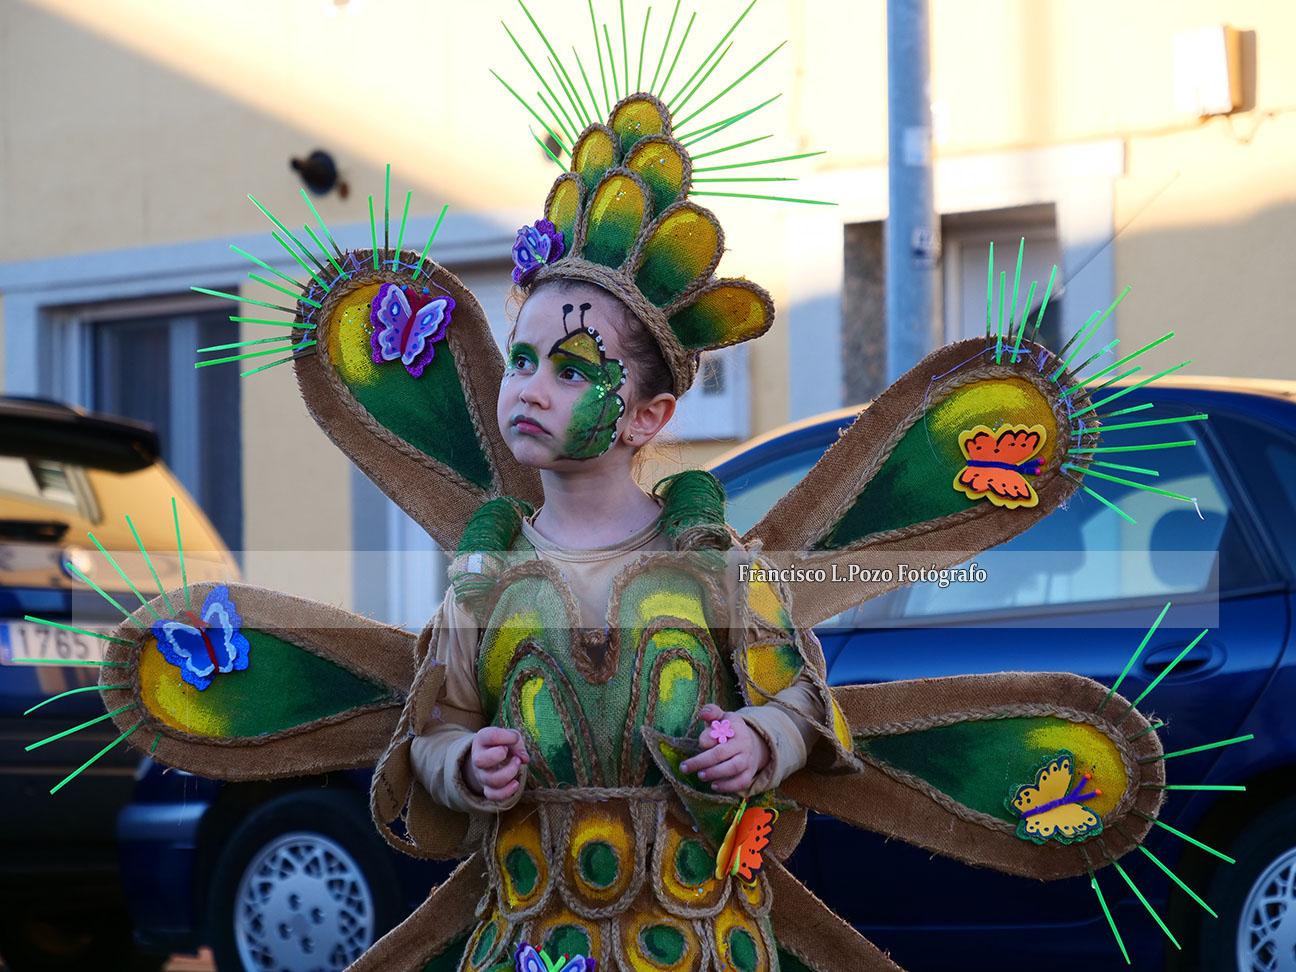 Carnaval 2020: Camponaraya sale a la calle a ritmo de comparsa 86